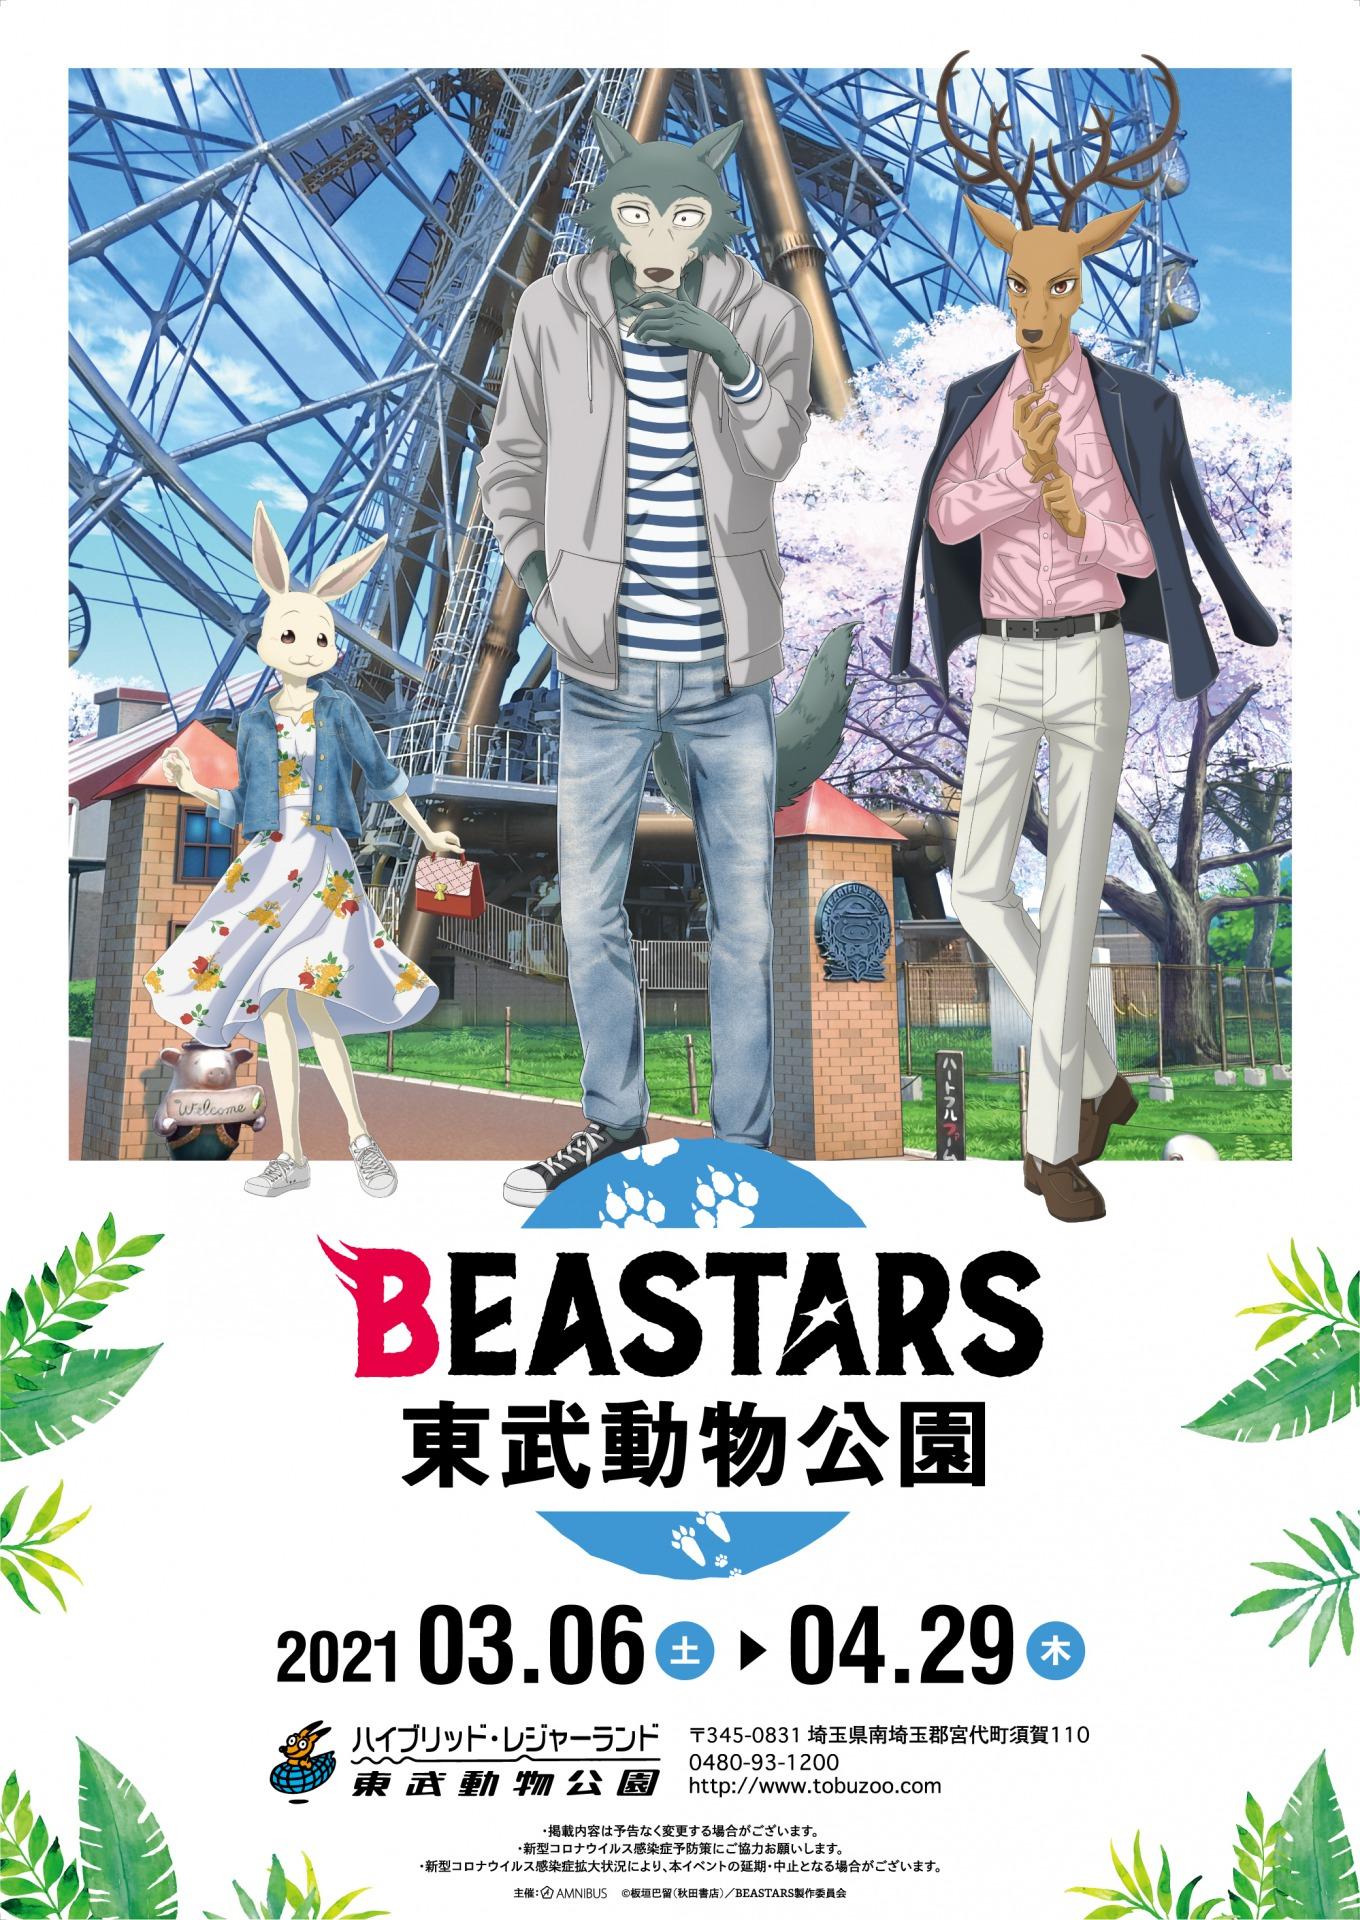 """「BEASTARS」×「東武動物公園」レゴシも夢中の""""レゴムのたまごサンド""""など…フード・グッズ情報解禁"""